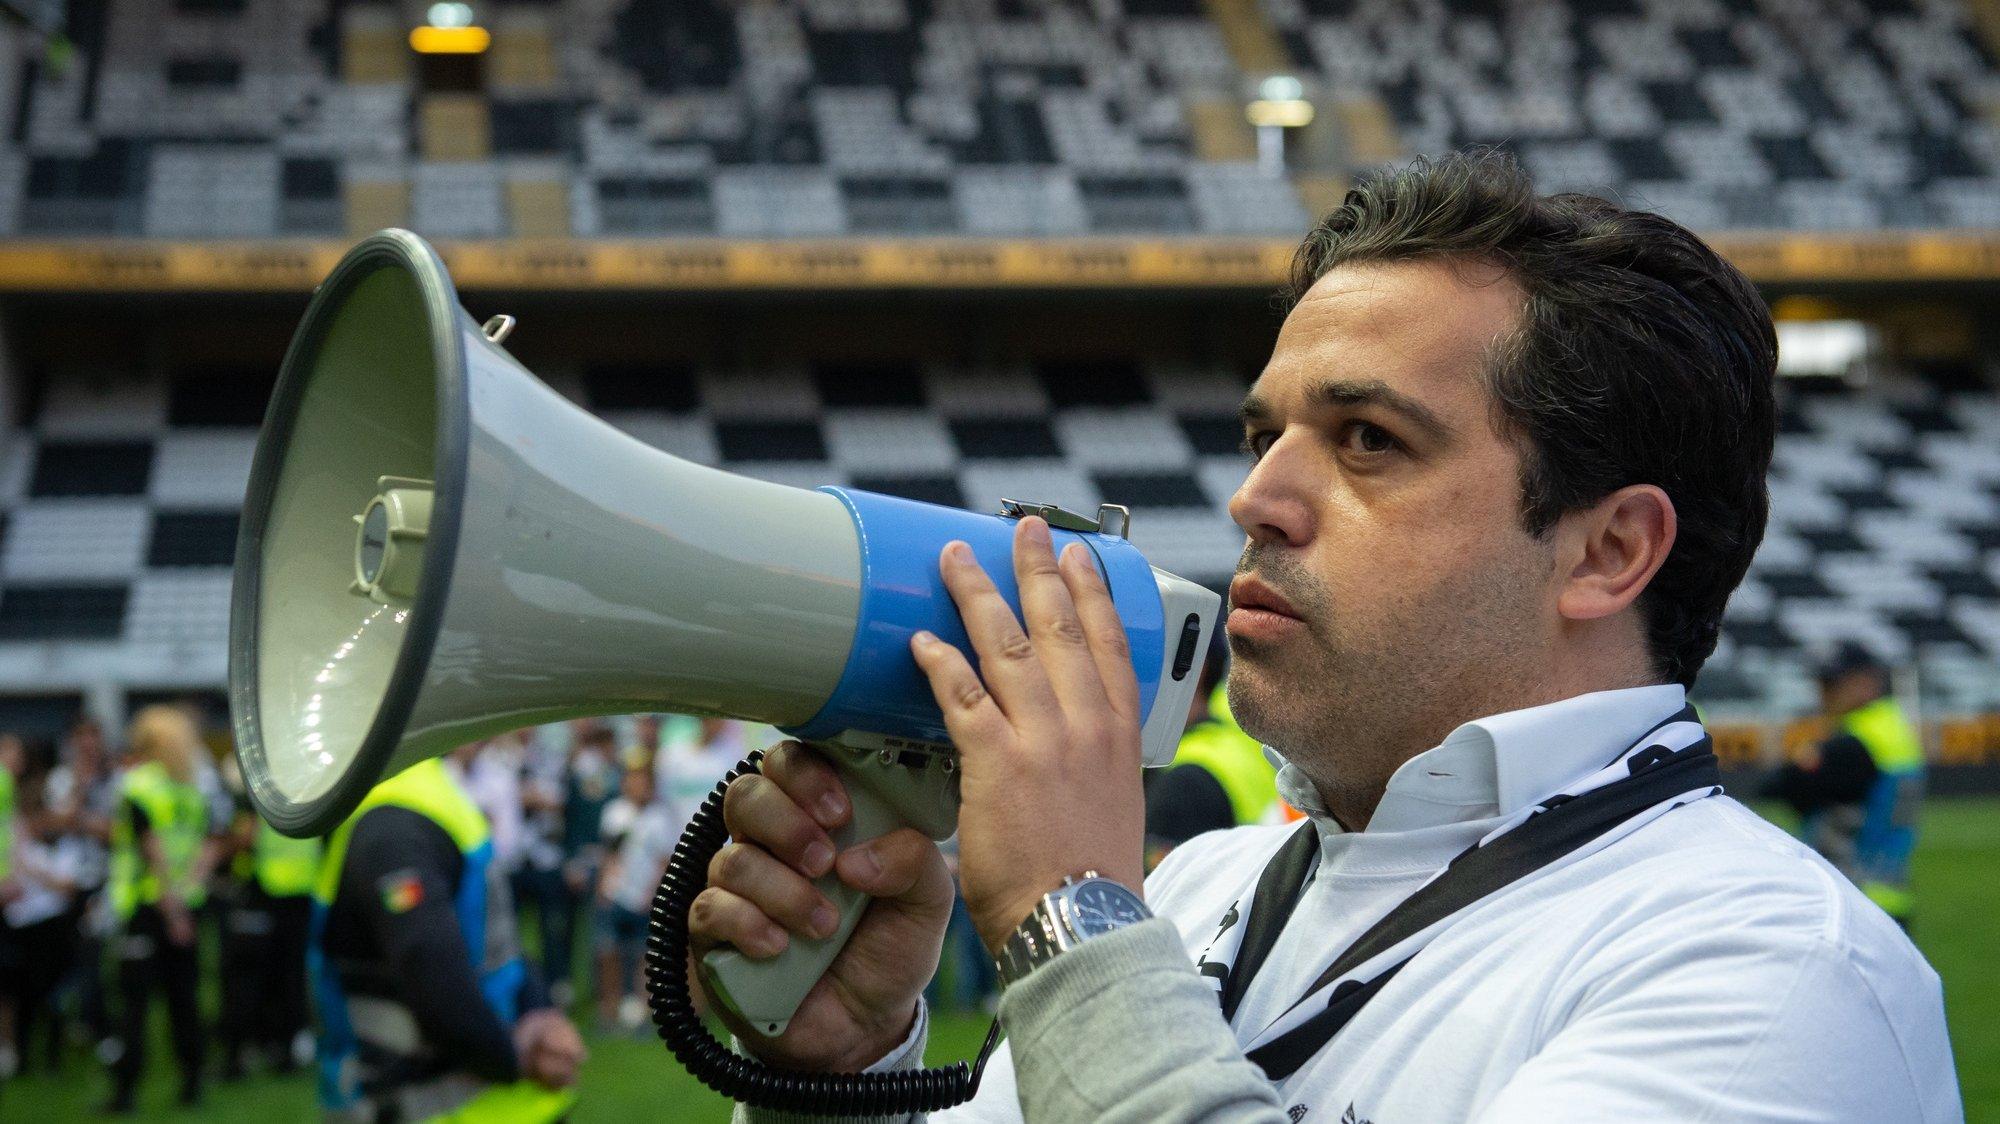 Vitor Murta, presidente do Boavista, fala aos adpetos após invasão do relvado no final do jogo da Primeira Liga de Futebol com o Sporting de Braga disputado no Estádio do Bessa, Porto, 11 de maio de 2019.  RUI FARINHA/LUSA